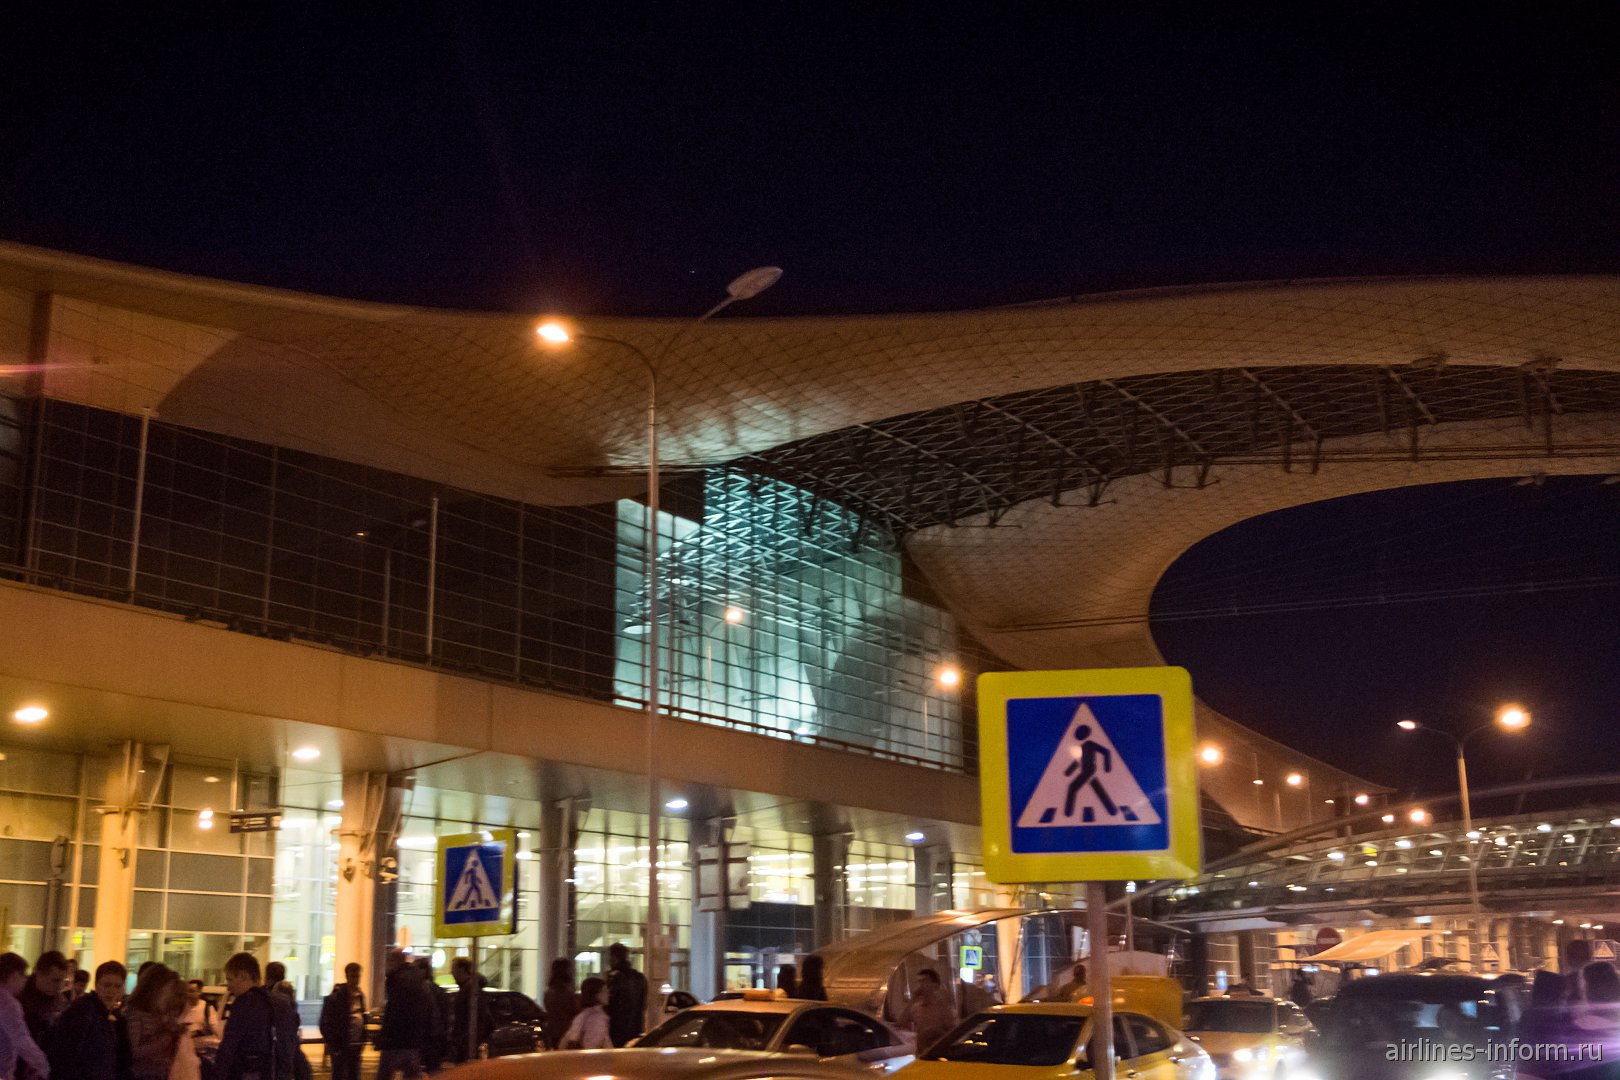 Аэропорт Шереметьево отзыв о Терминалах DEF с фото